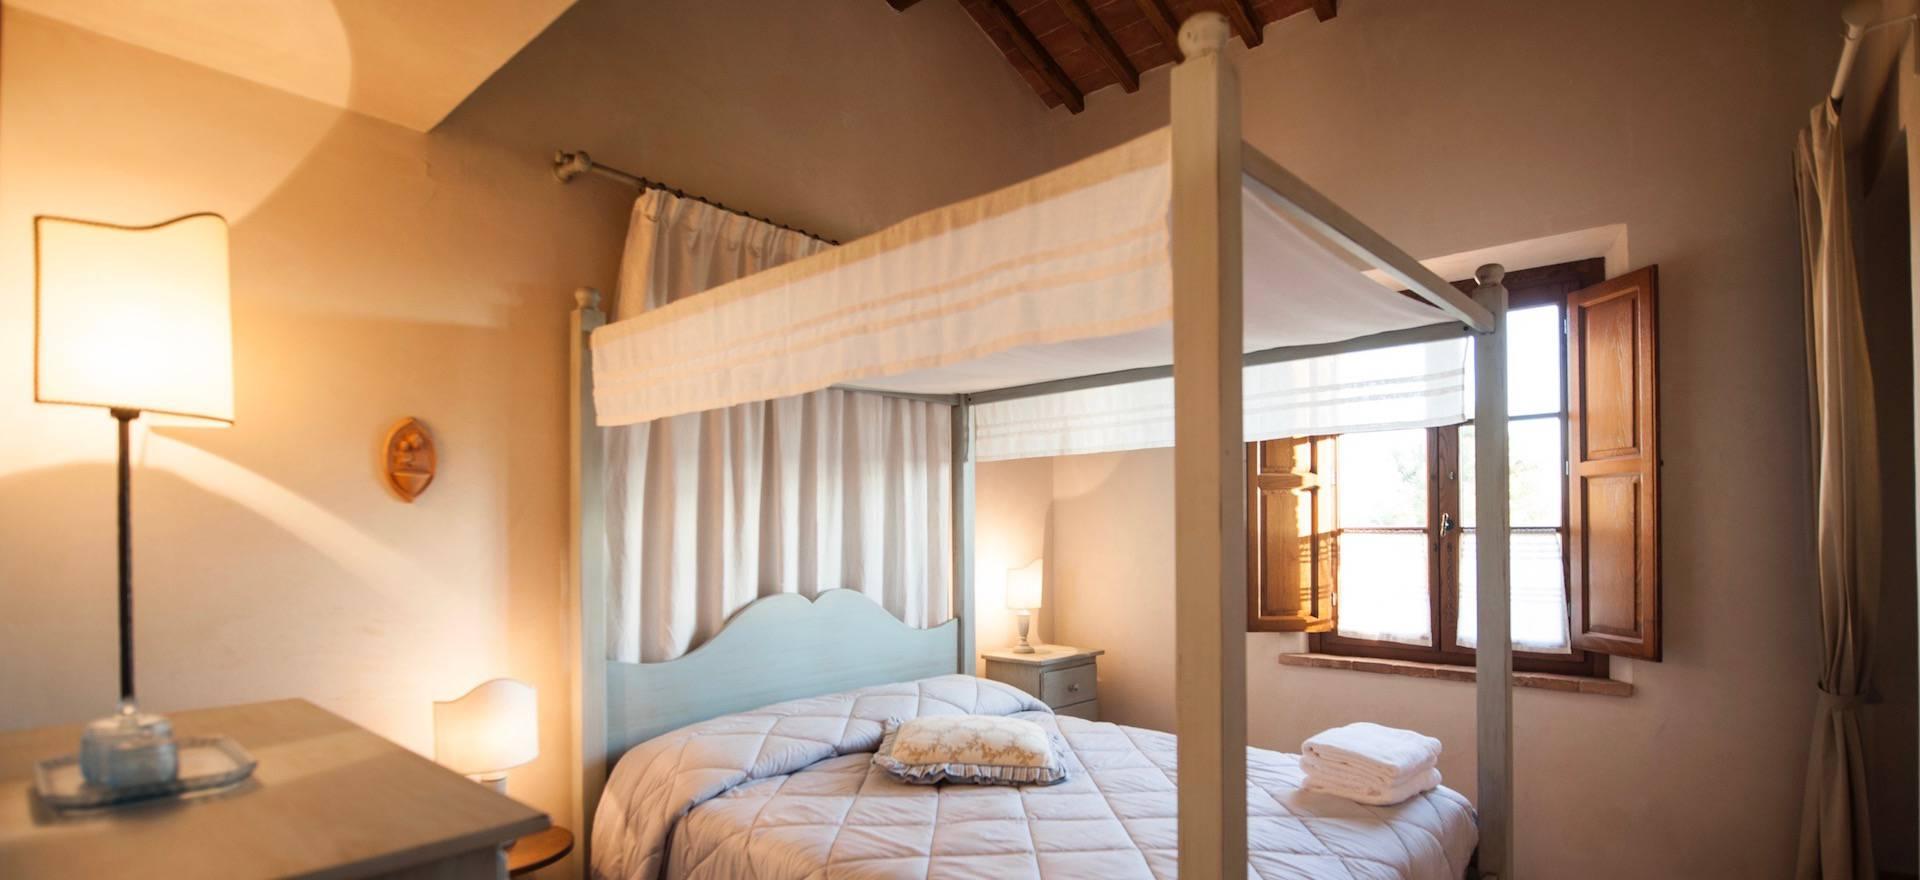 Agriturismo Toscane Agriturismo Siena voor rust, luxe en comfort